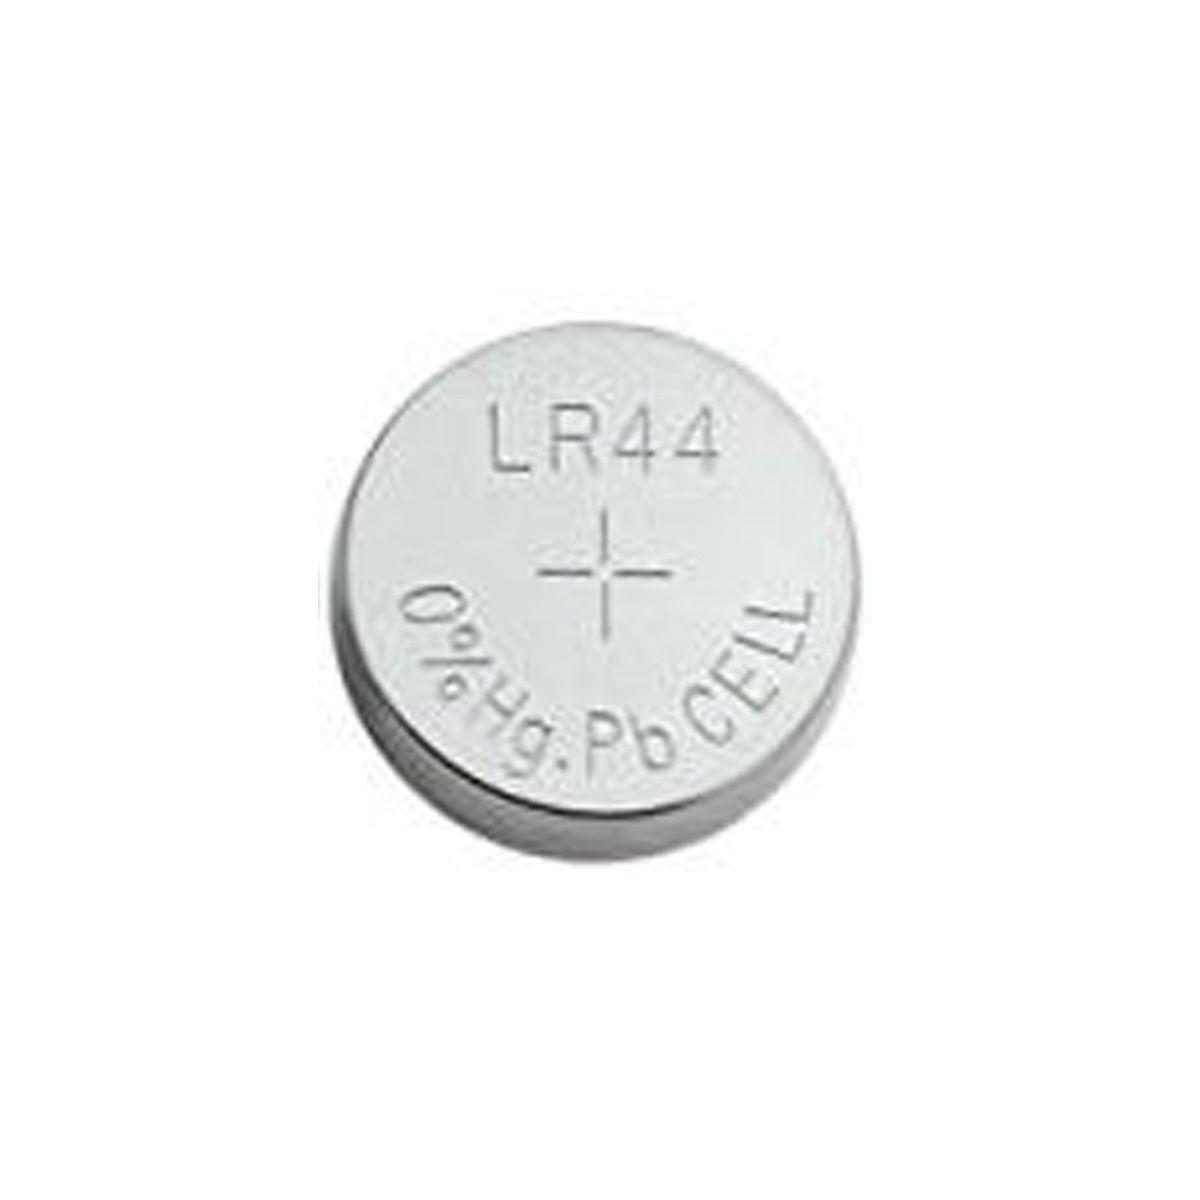 100x Bateria Alcalina 1,5V LR44/A76/AG13 para Higrômetro